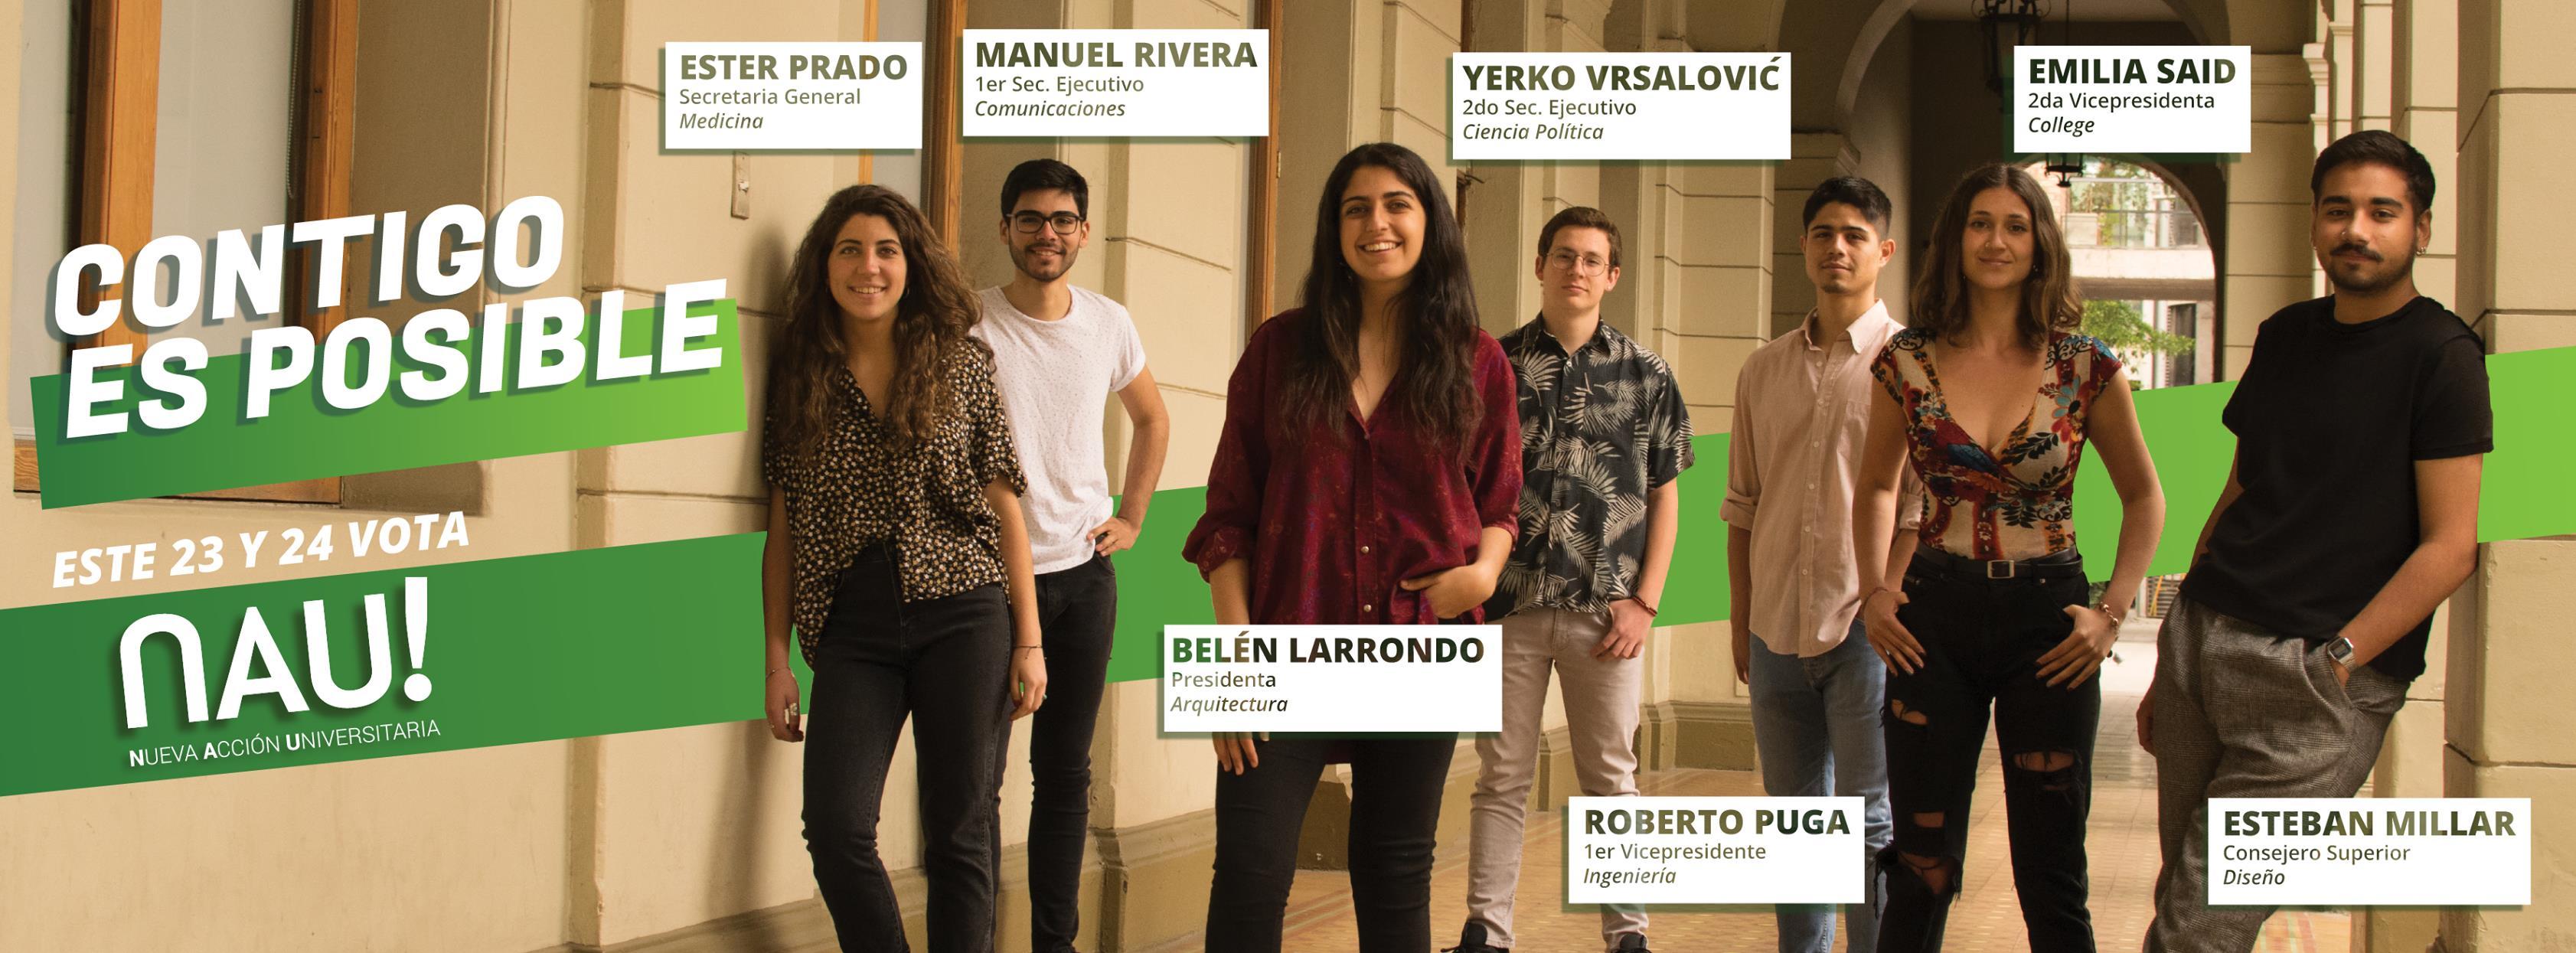 Elecciones FEUC: presentando la lista Nueva Acción Universitaria